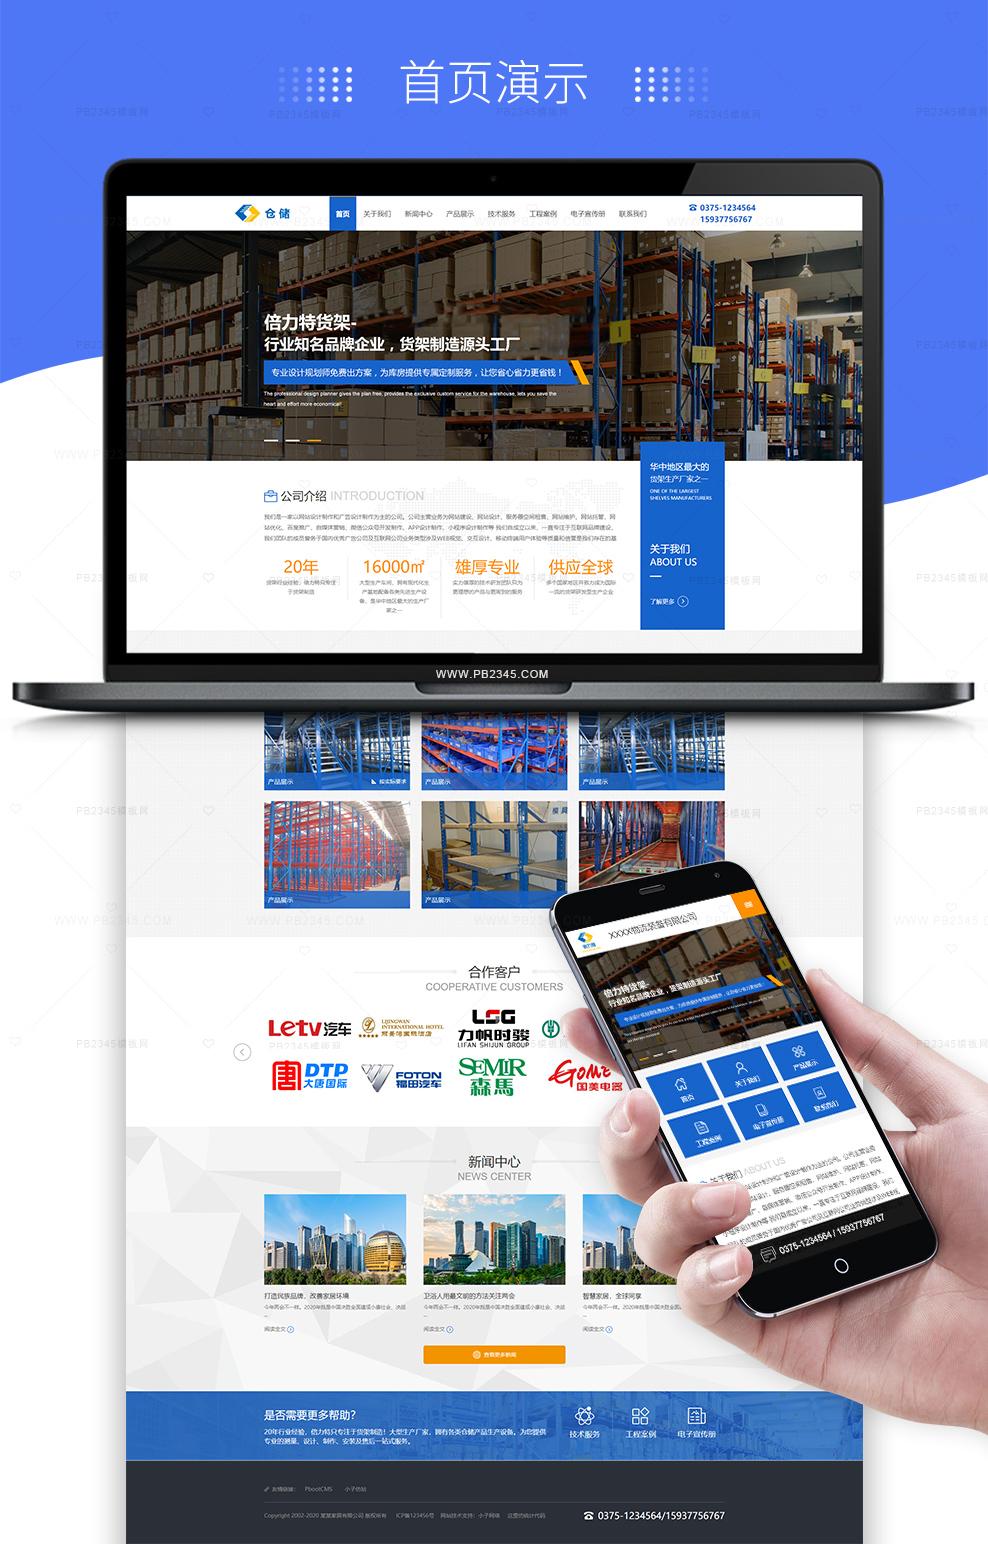 pbootcms仓储货架物流通用类型网站源码带手机端